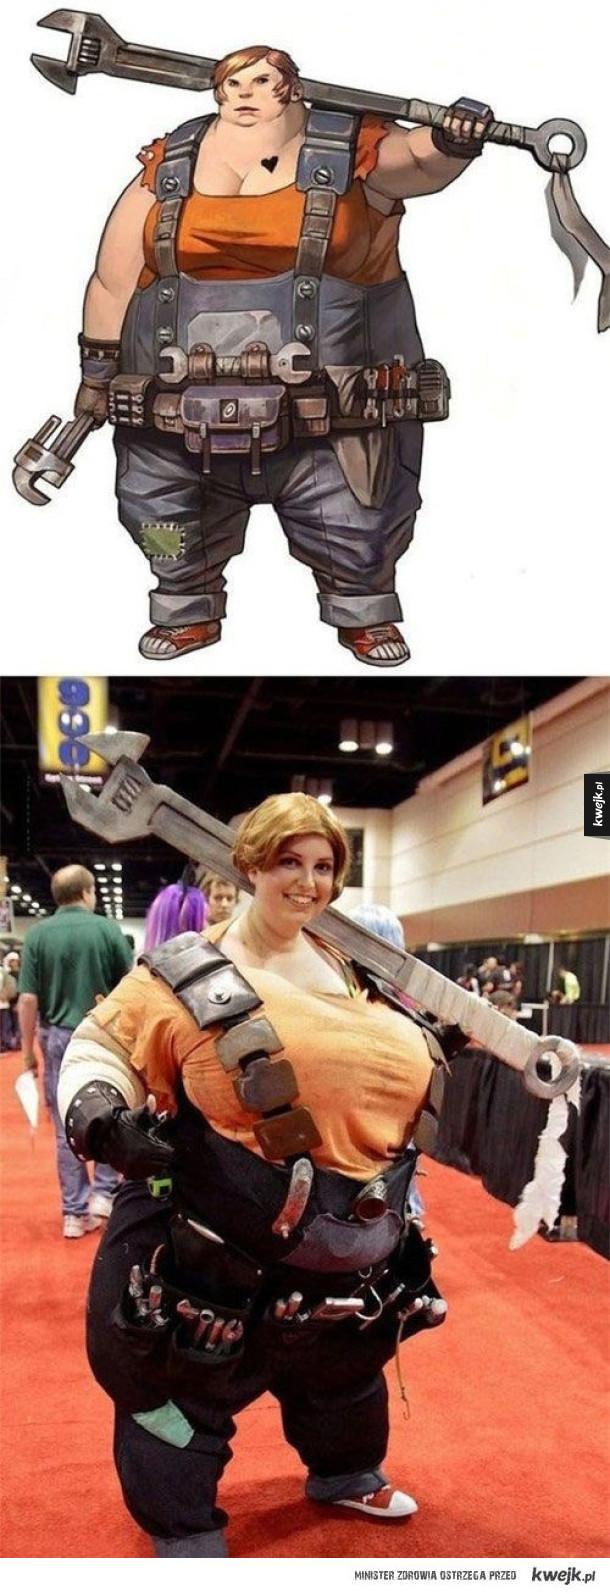 Dat cosplay